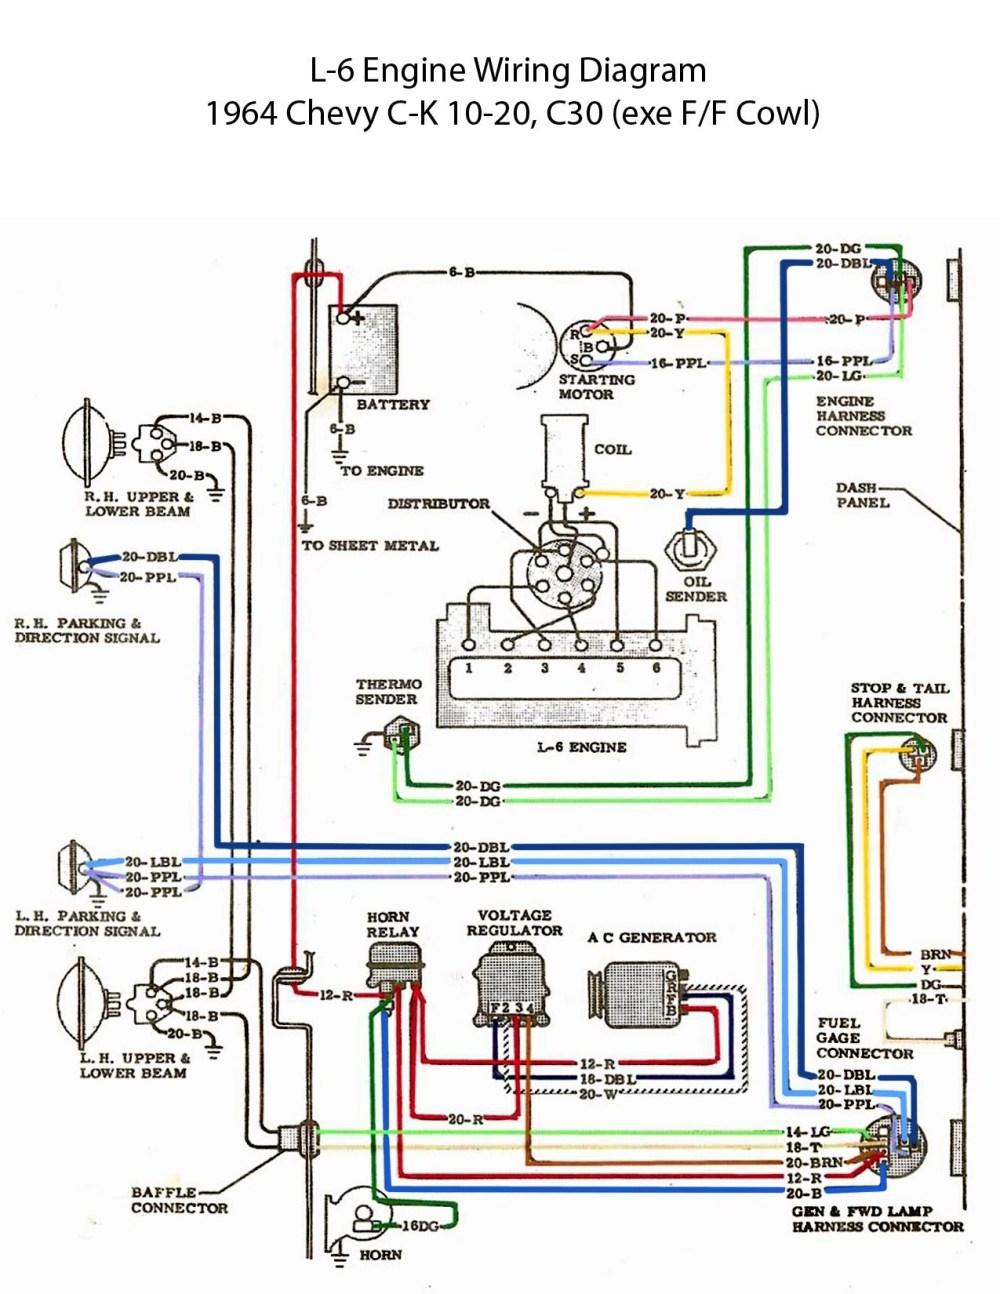 medium resolution of chevy 4x4 actuator wiring diagram wiring diagramschevy 4x4 actuator wiring diagram nemetas aufgegabelt info chevy 4x4